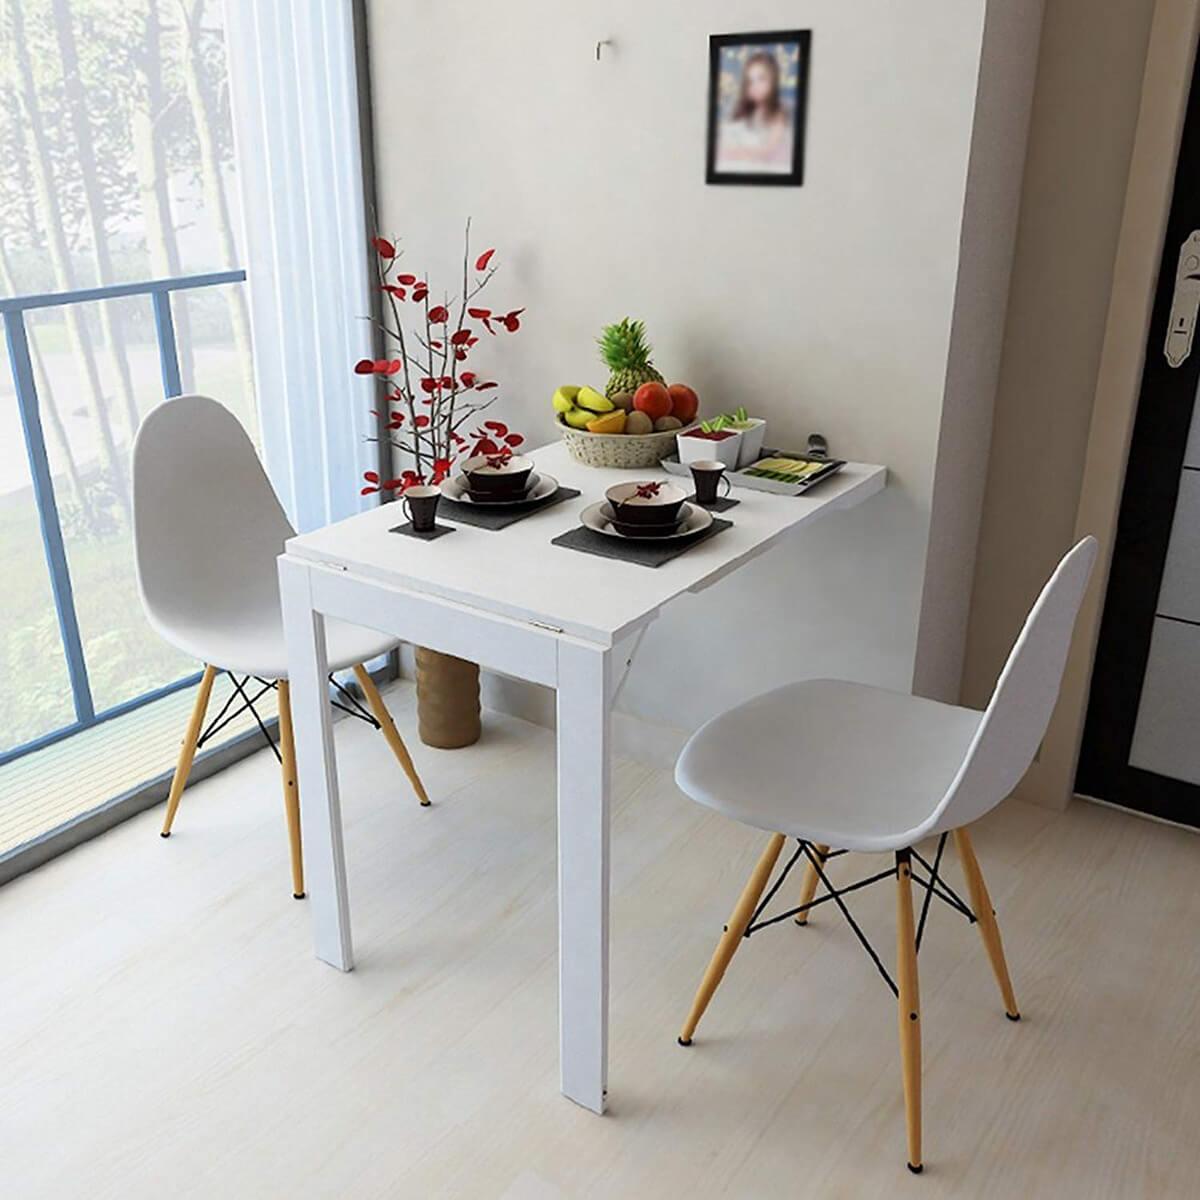 Настенный письменный стол фото 11